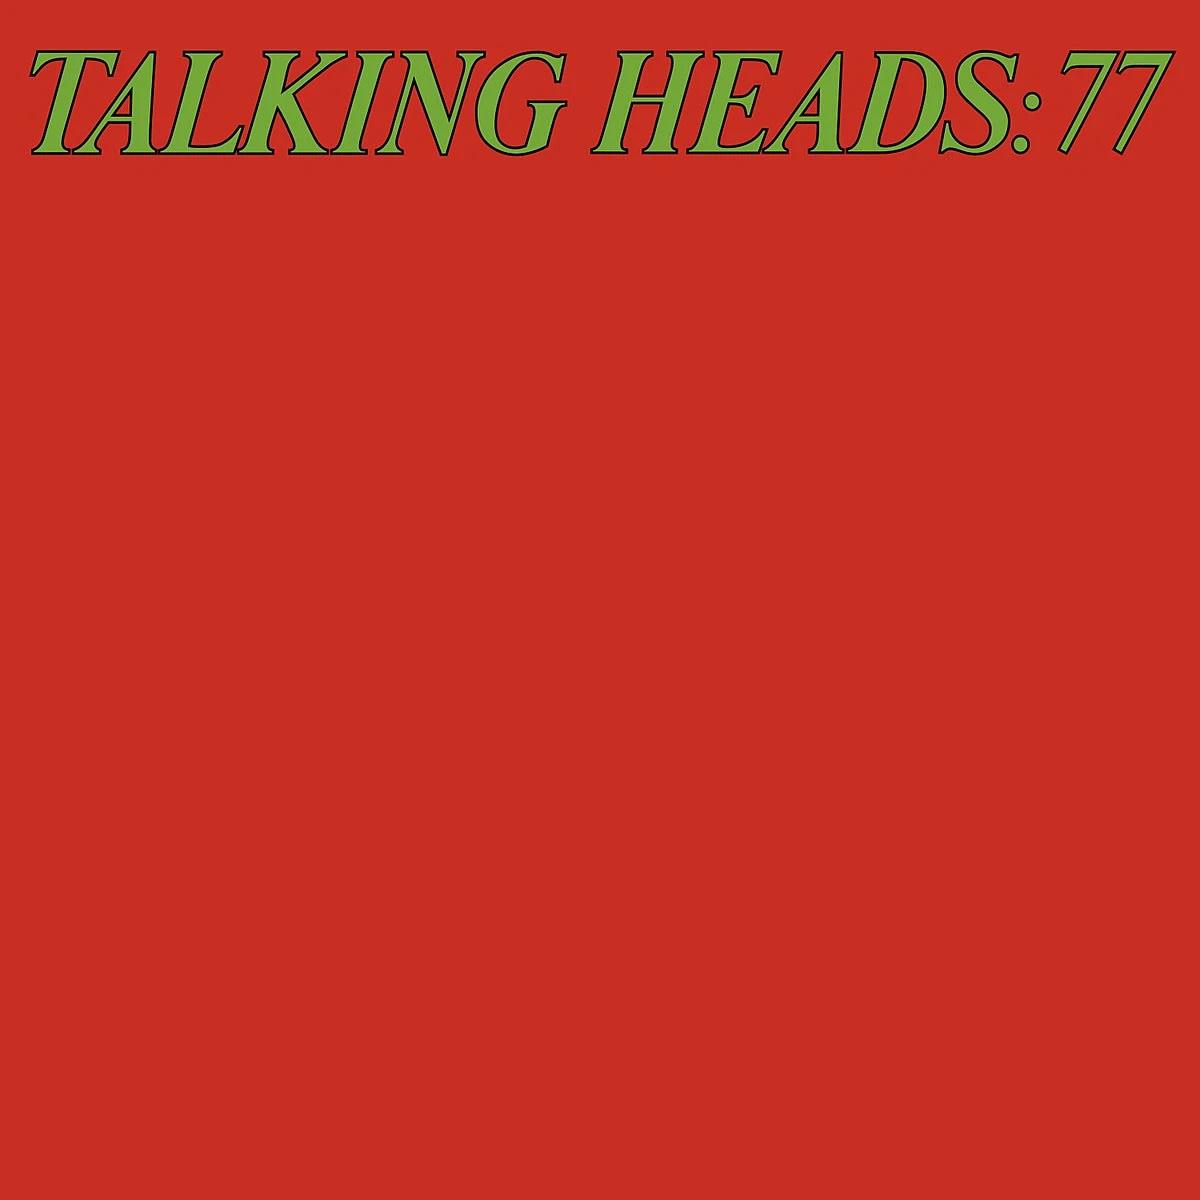 Talking Heads • Talking Heads: 77-1